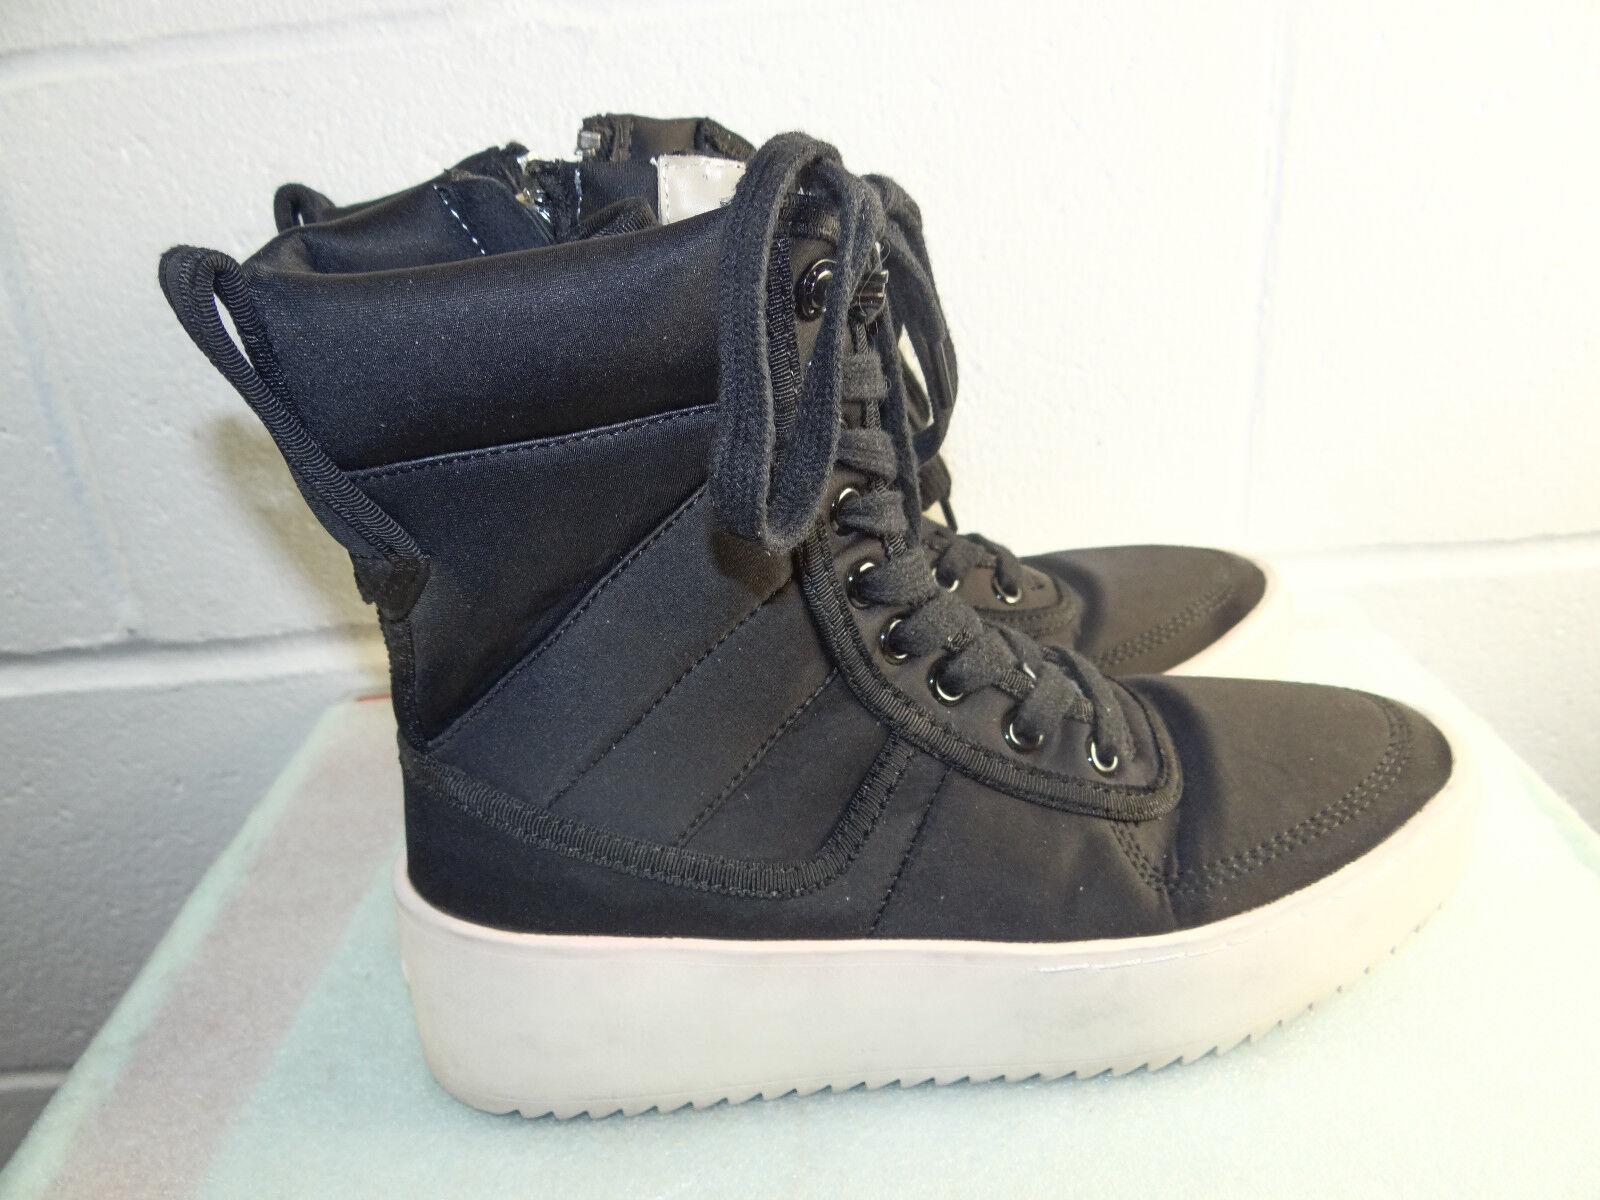 Zapatilla militar FEAR de GOD' ' Negro Hi-Top zapatillas zapatos Mujer  6B